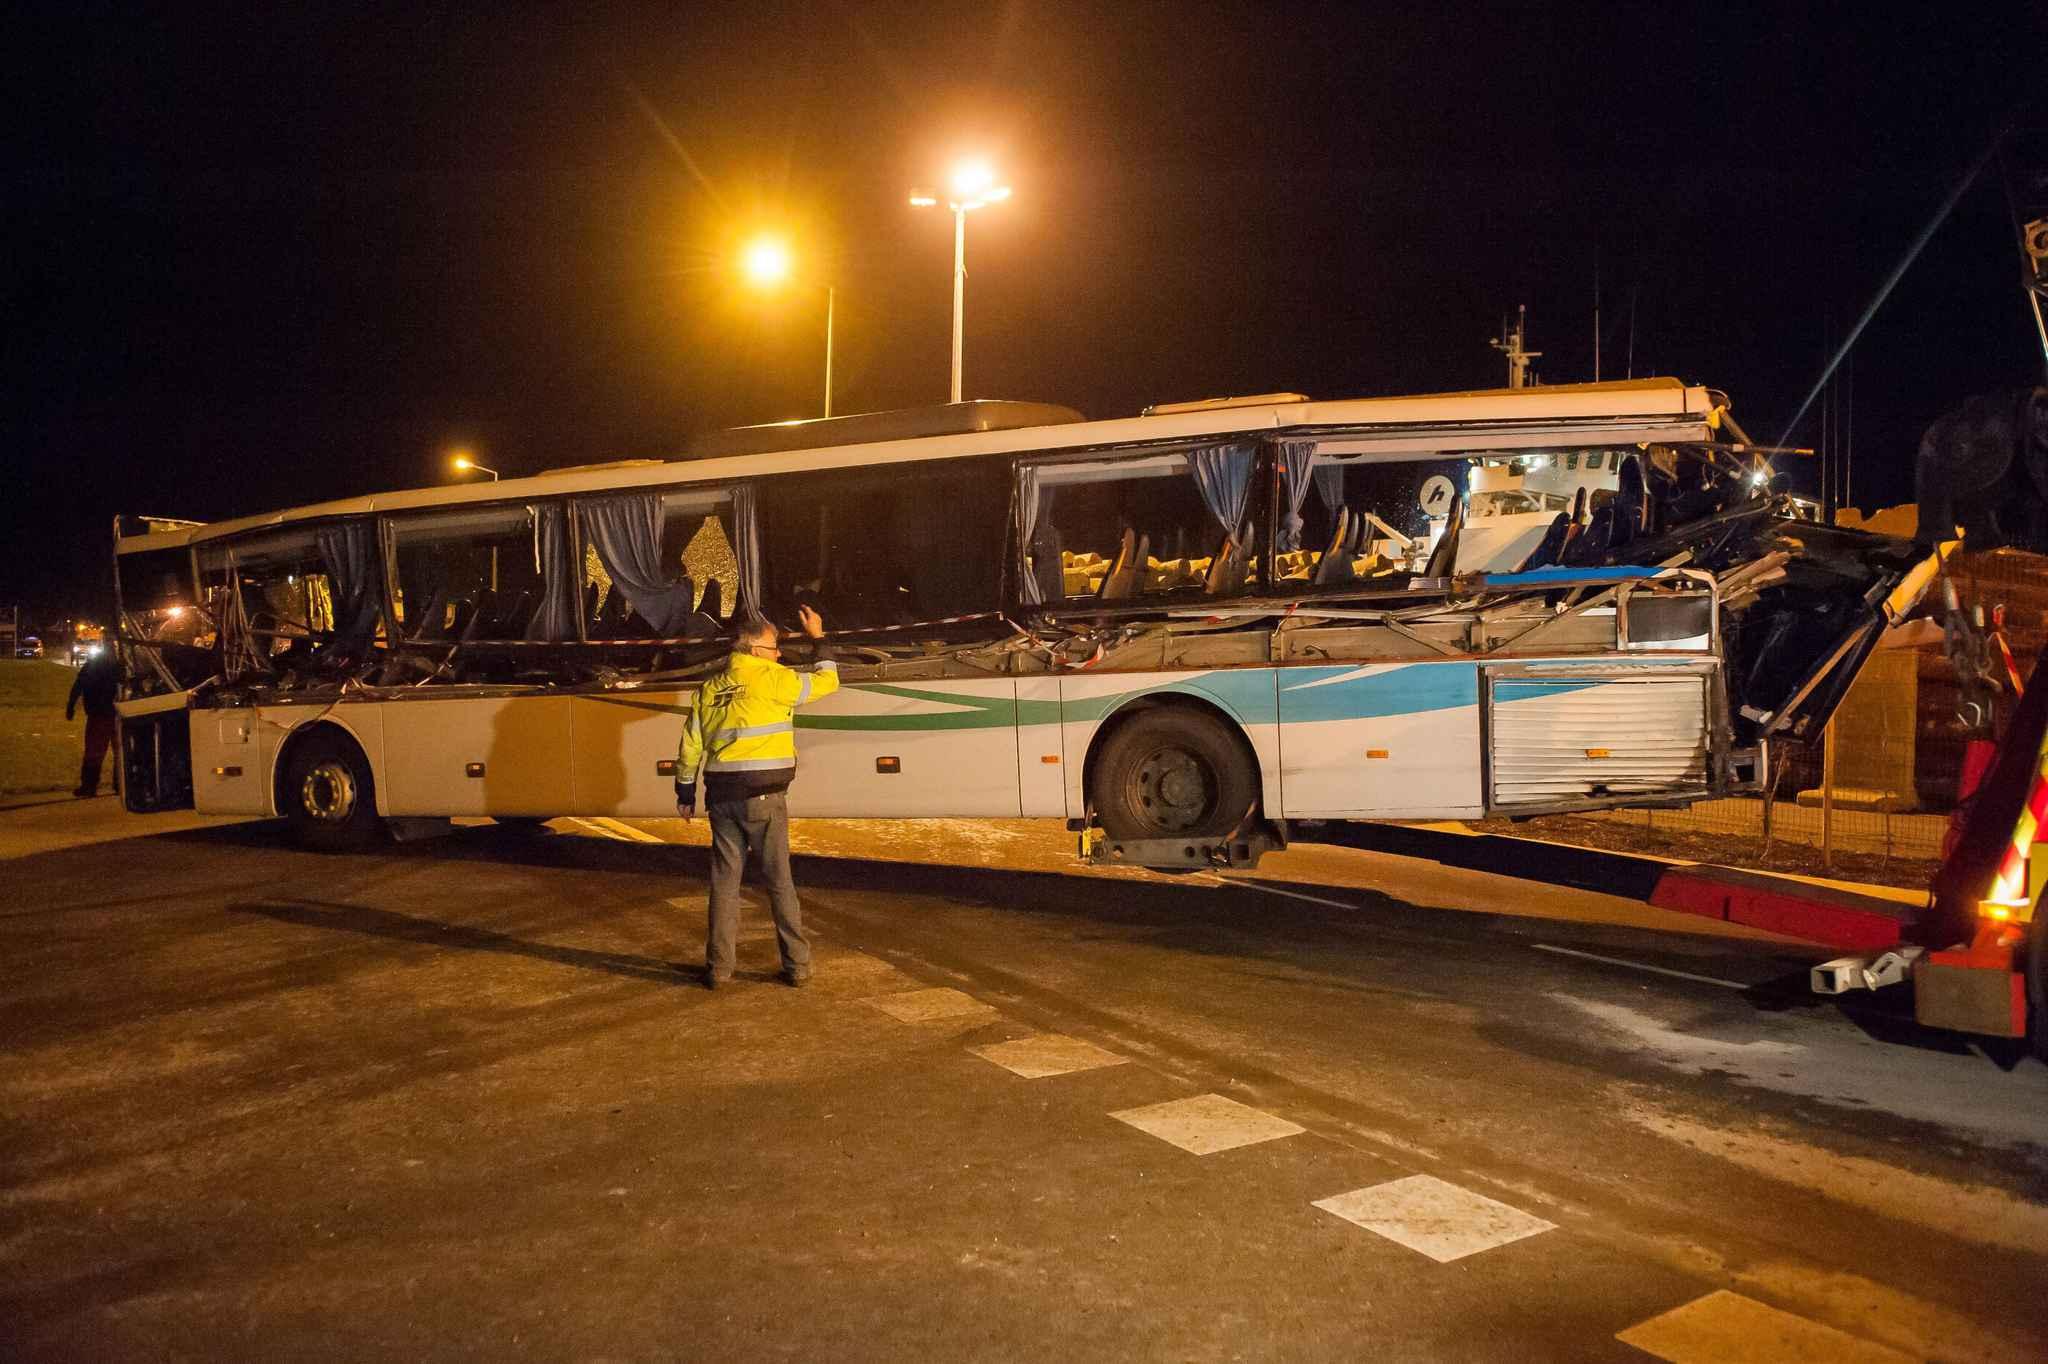 accident de car scolaire rochefort la garde vue du chauffeur de bus lev e. Black Bedroom Furniture Sets. Home Design Ideas